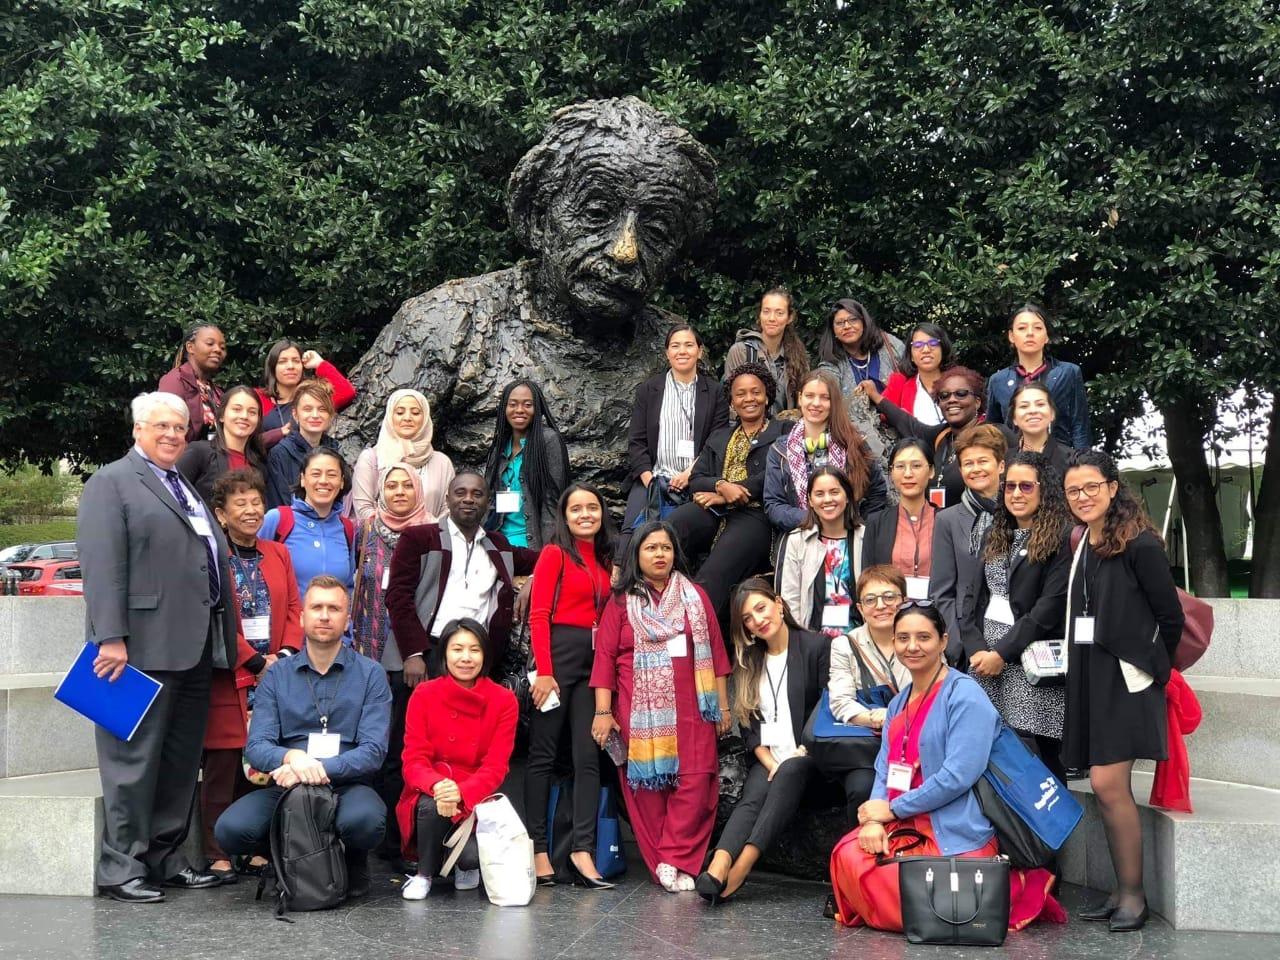 IVLP: Advancing Women in STEM Fields